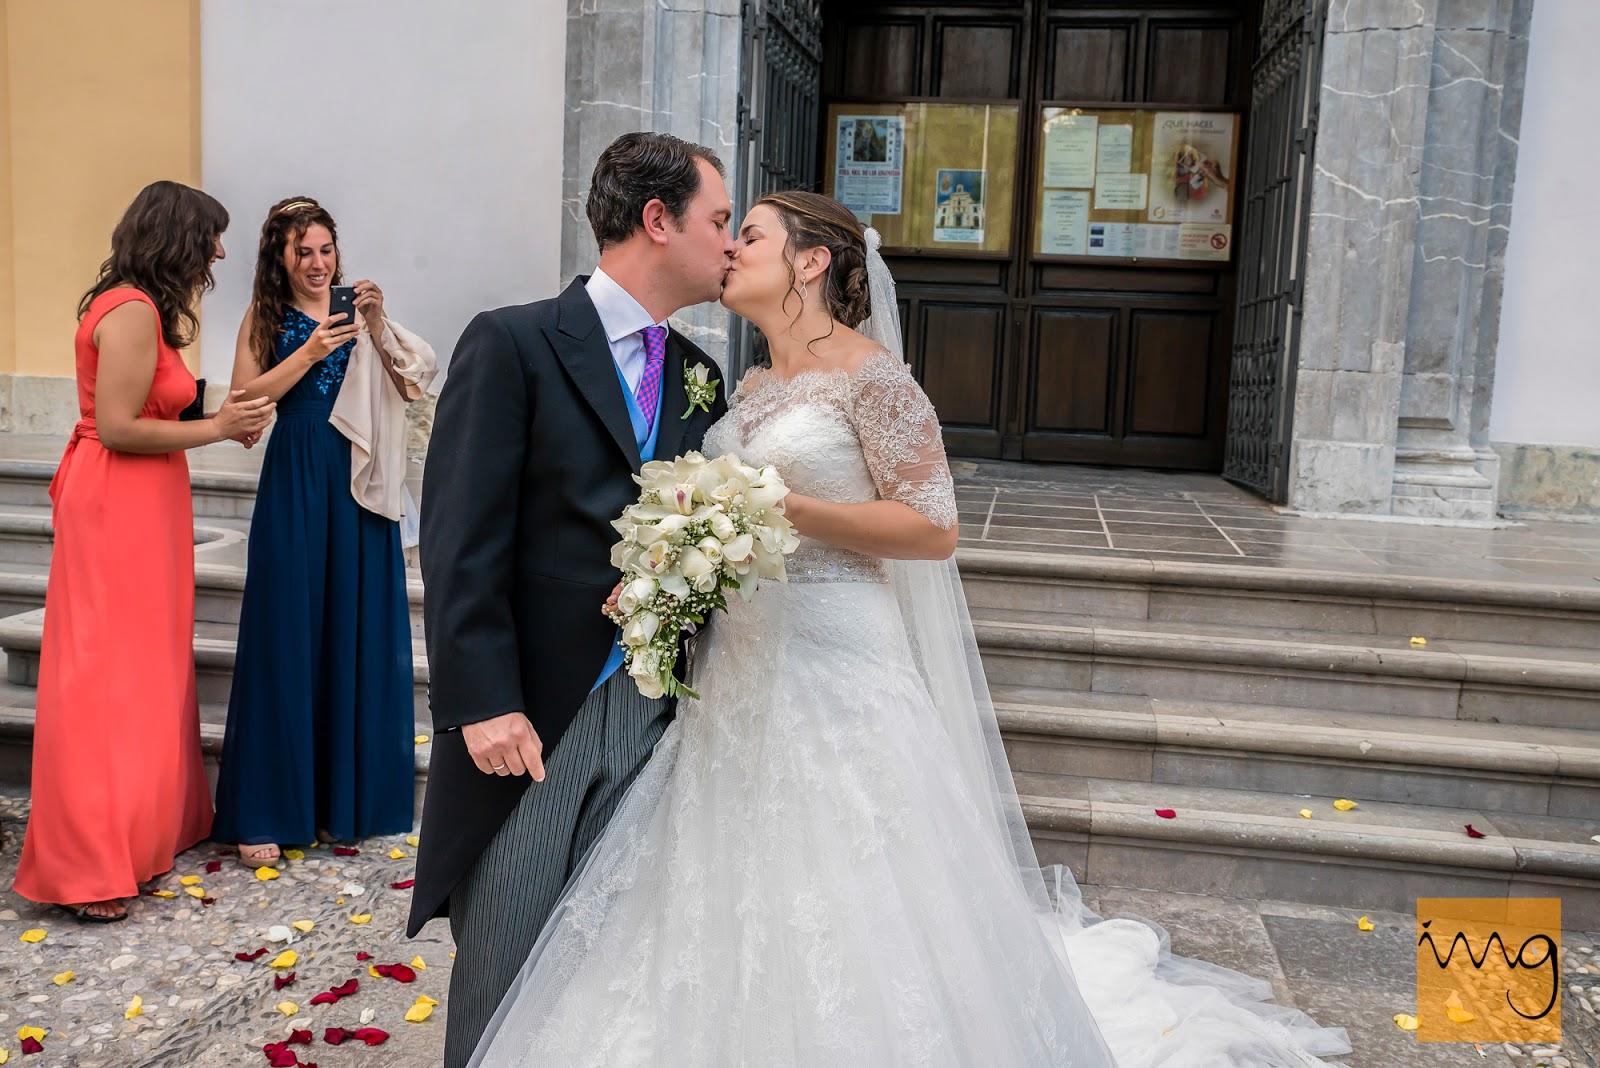 Fotografía de boda, besándose.